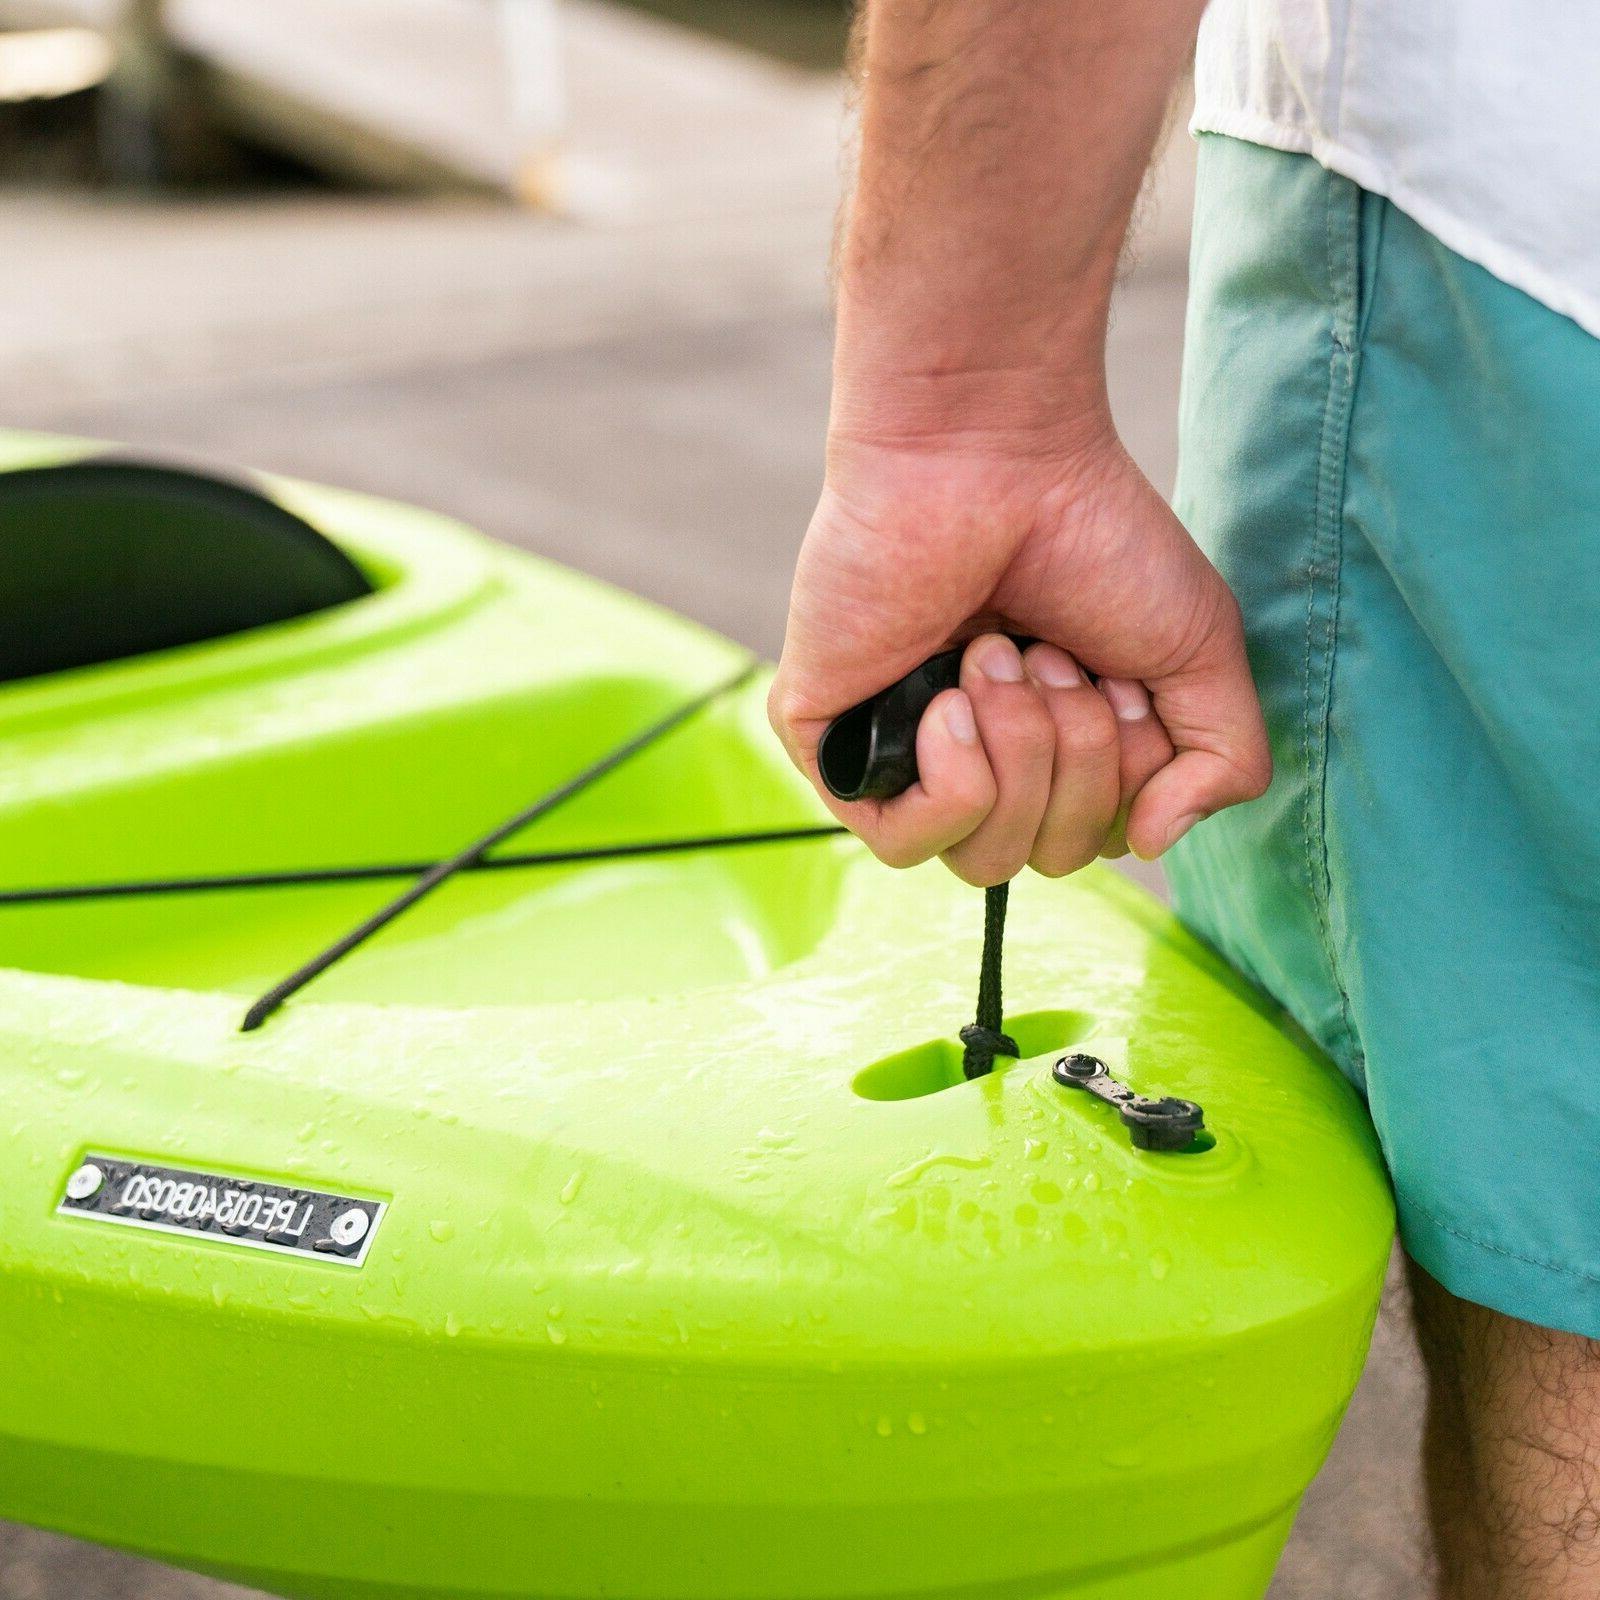 Kayak Boat Paddle Green seat